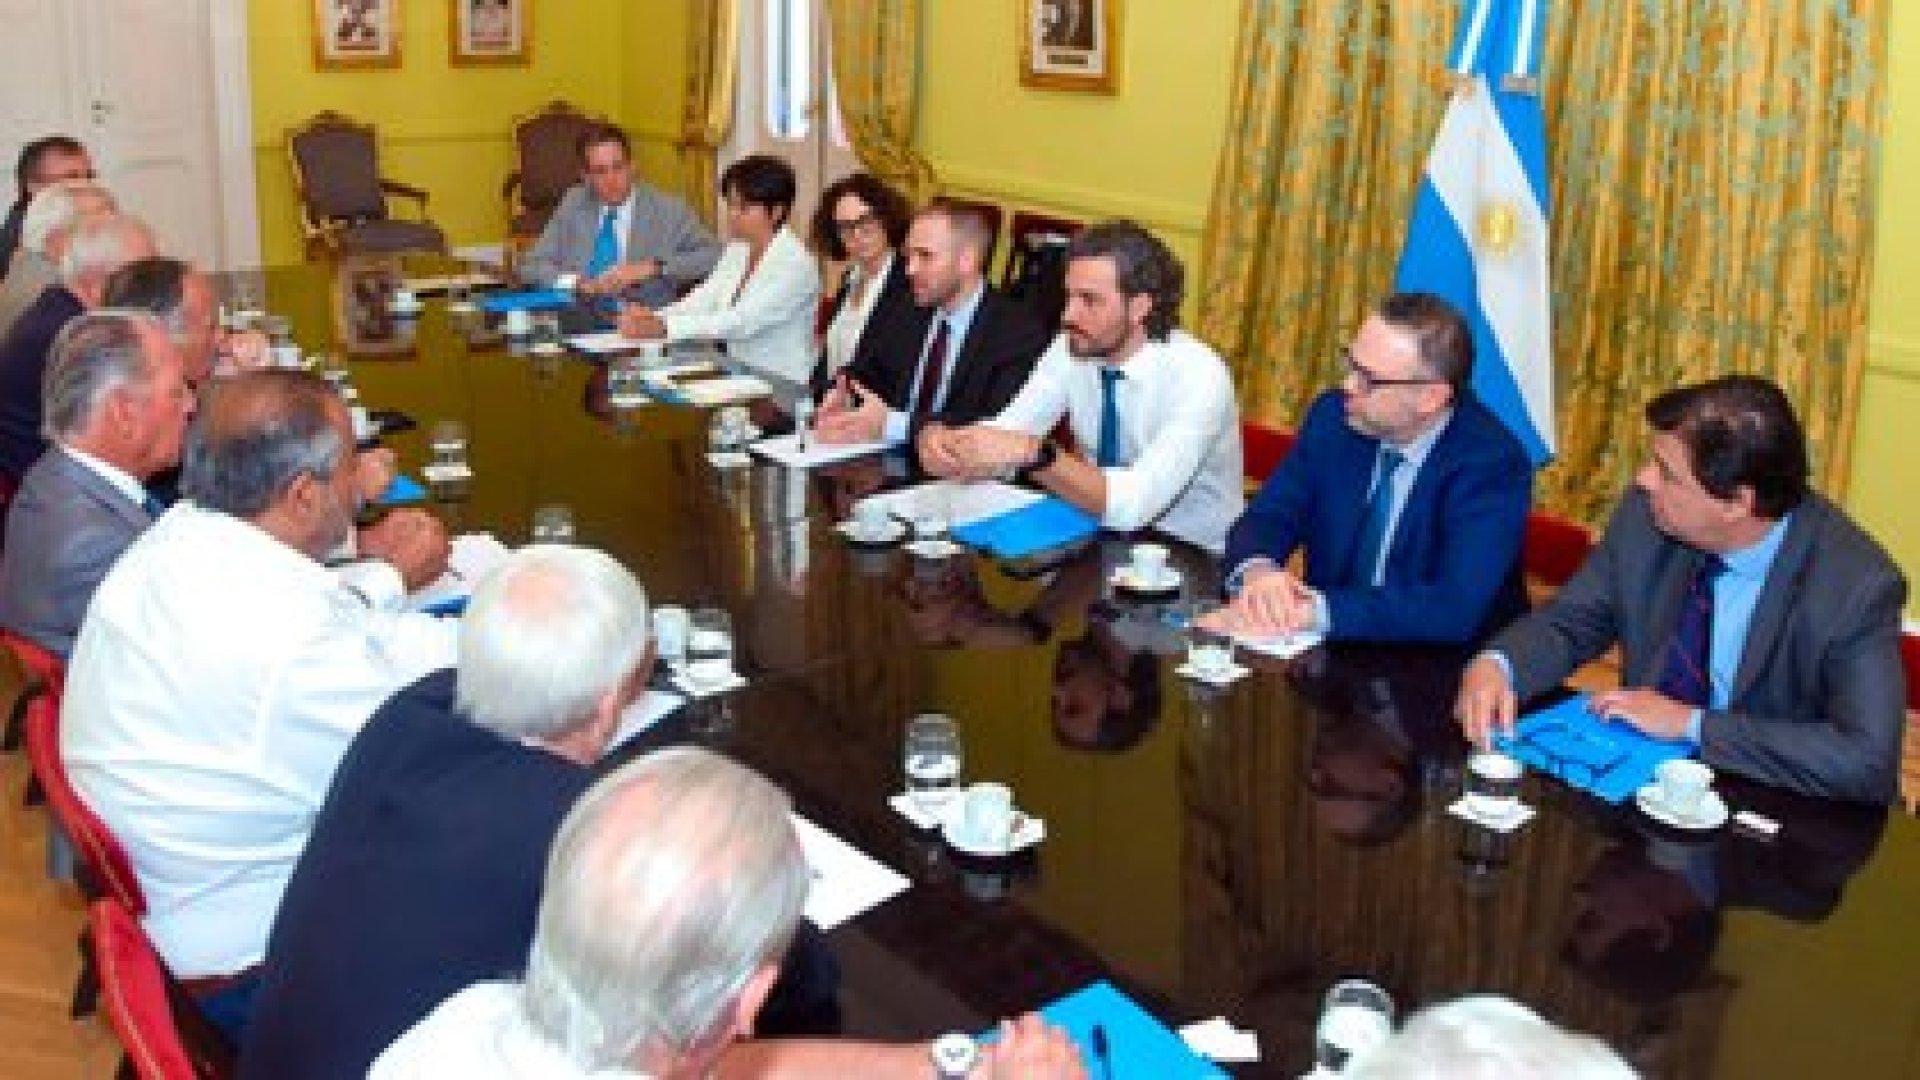 El gabinete socioeconómico, reunido con empresarios y sindicalistas para hablar sobre las negociaciones con el FMI